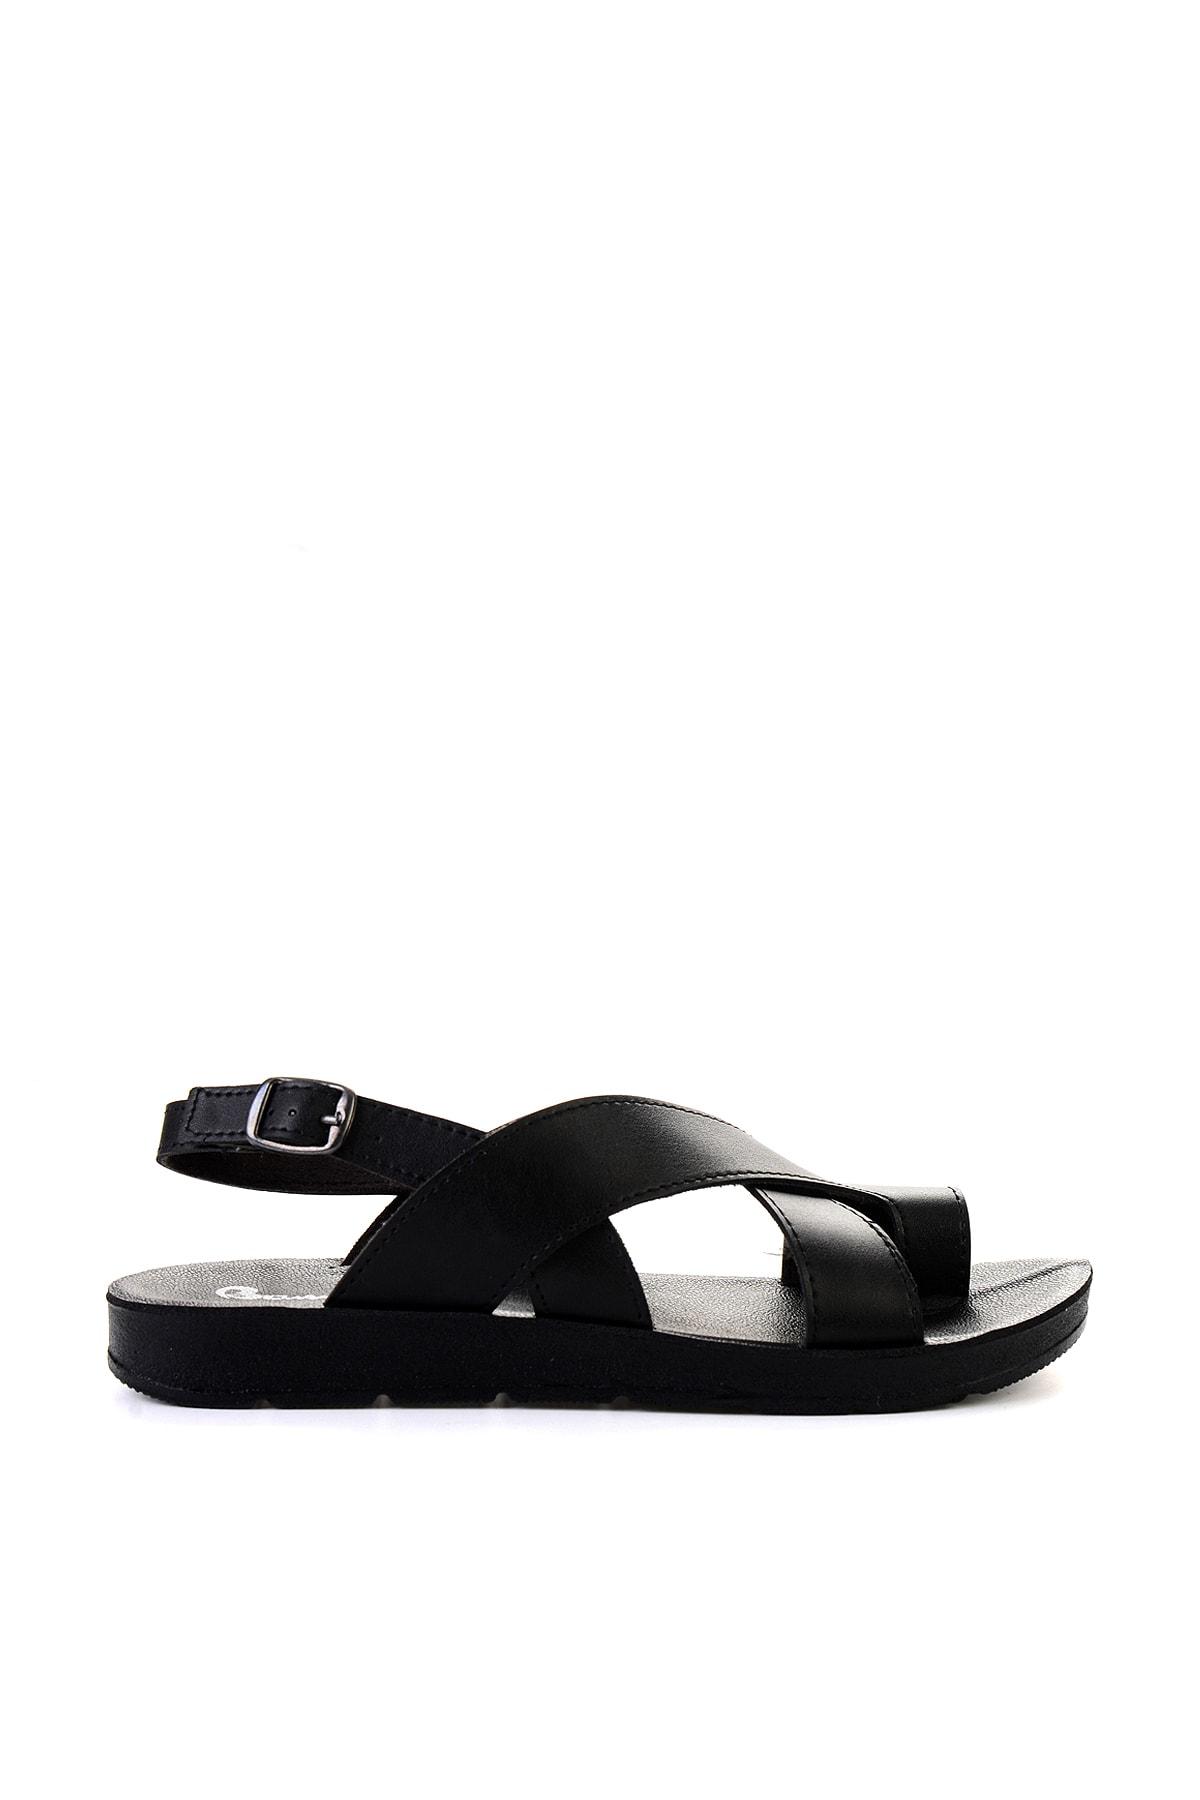 Bambi Siyah Kadın Sandalet L06421111 2